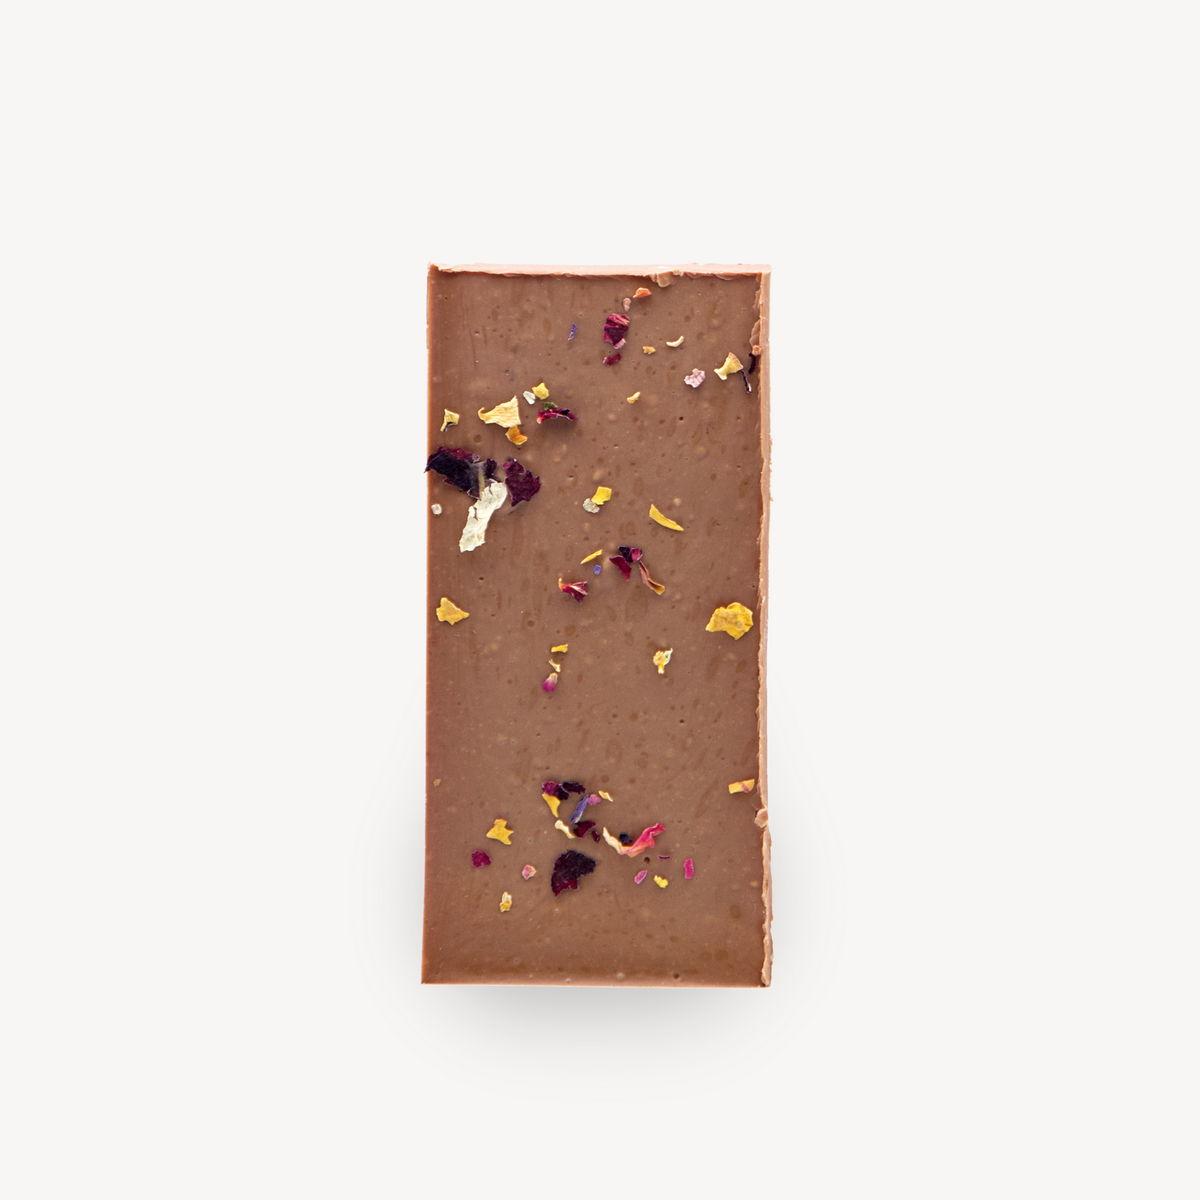 Σοκολάτα Cocoowa Funky Monkey, φωτογραφία προϊόντος χωρίς το περιτύλιγμα.